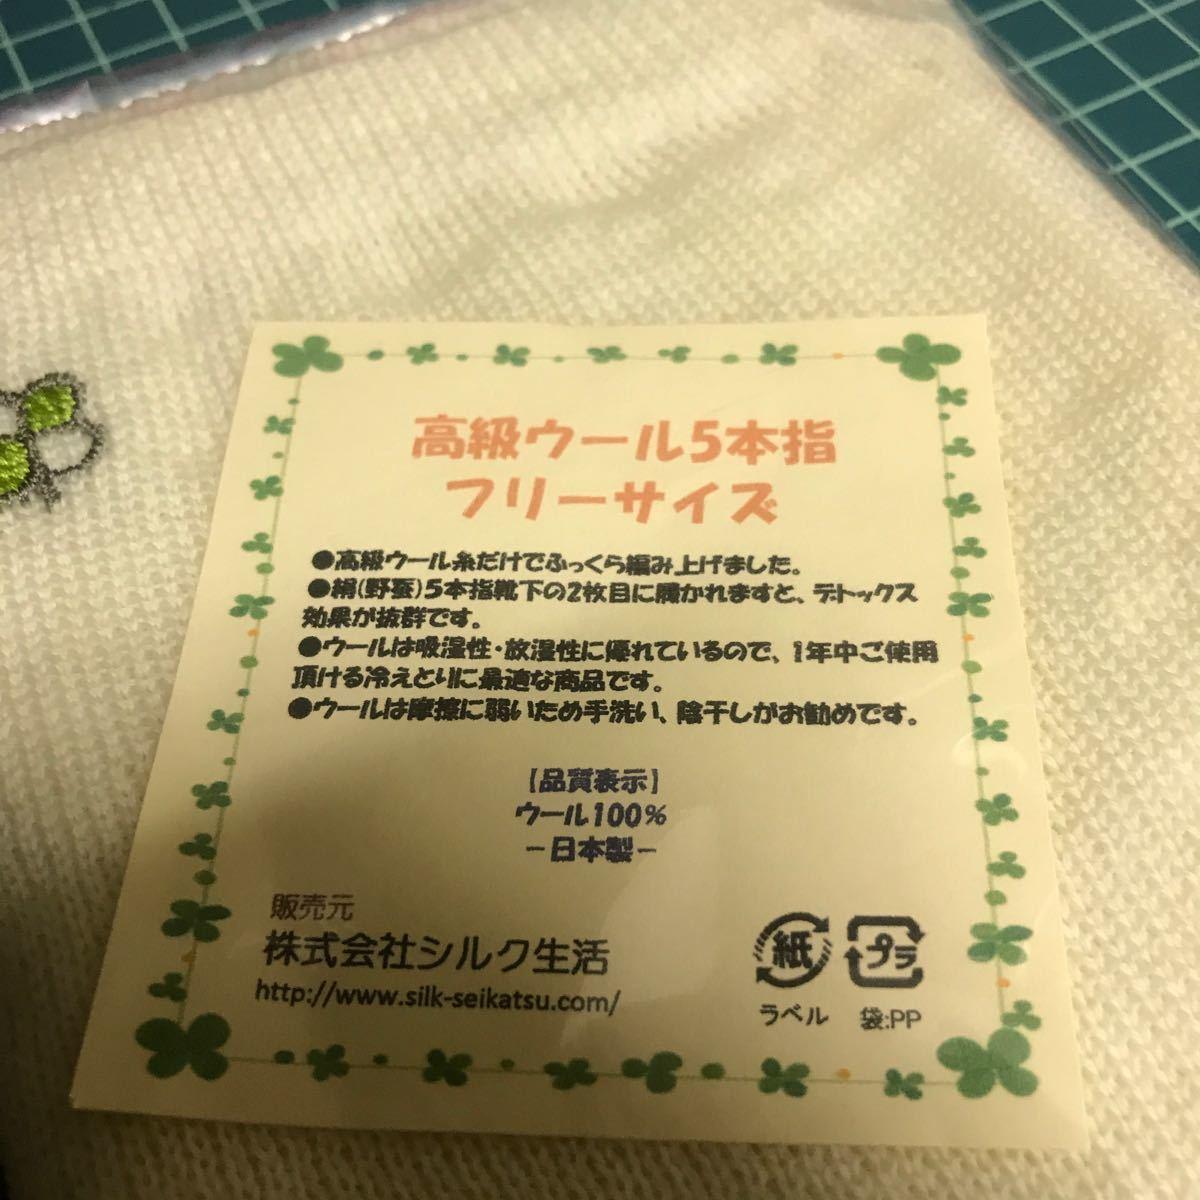 高級ウールソックス 5本指 日本製